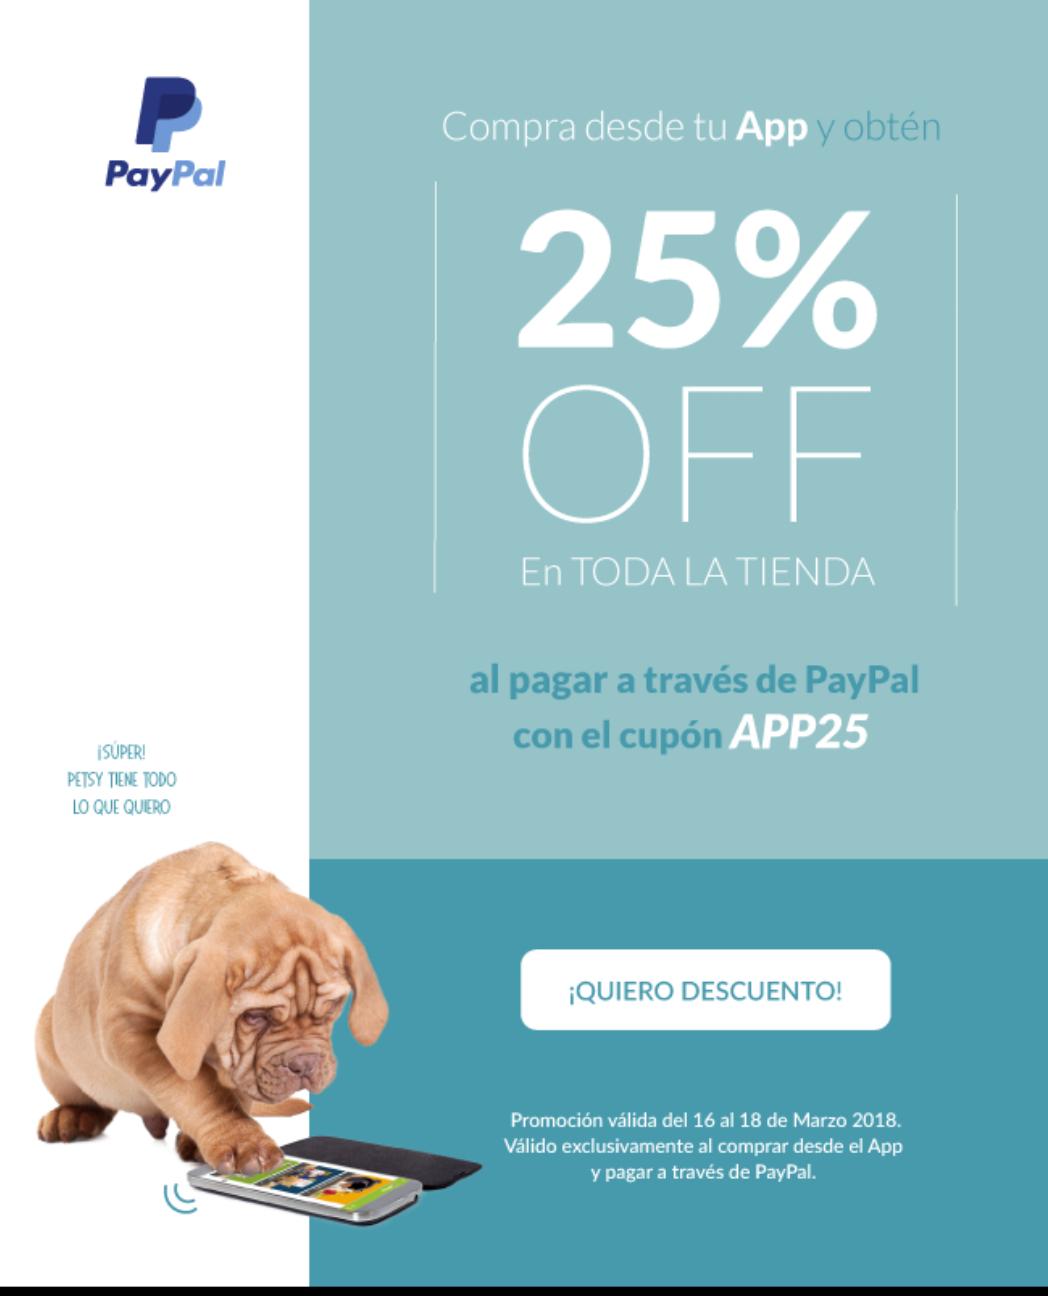 Petsy.mx: 25% de descuento con PAYPAL